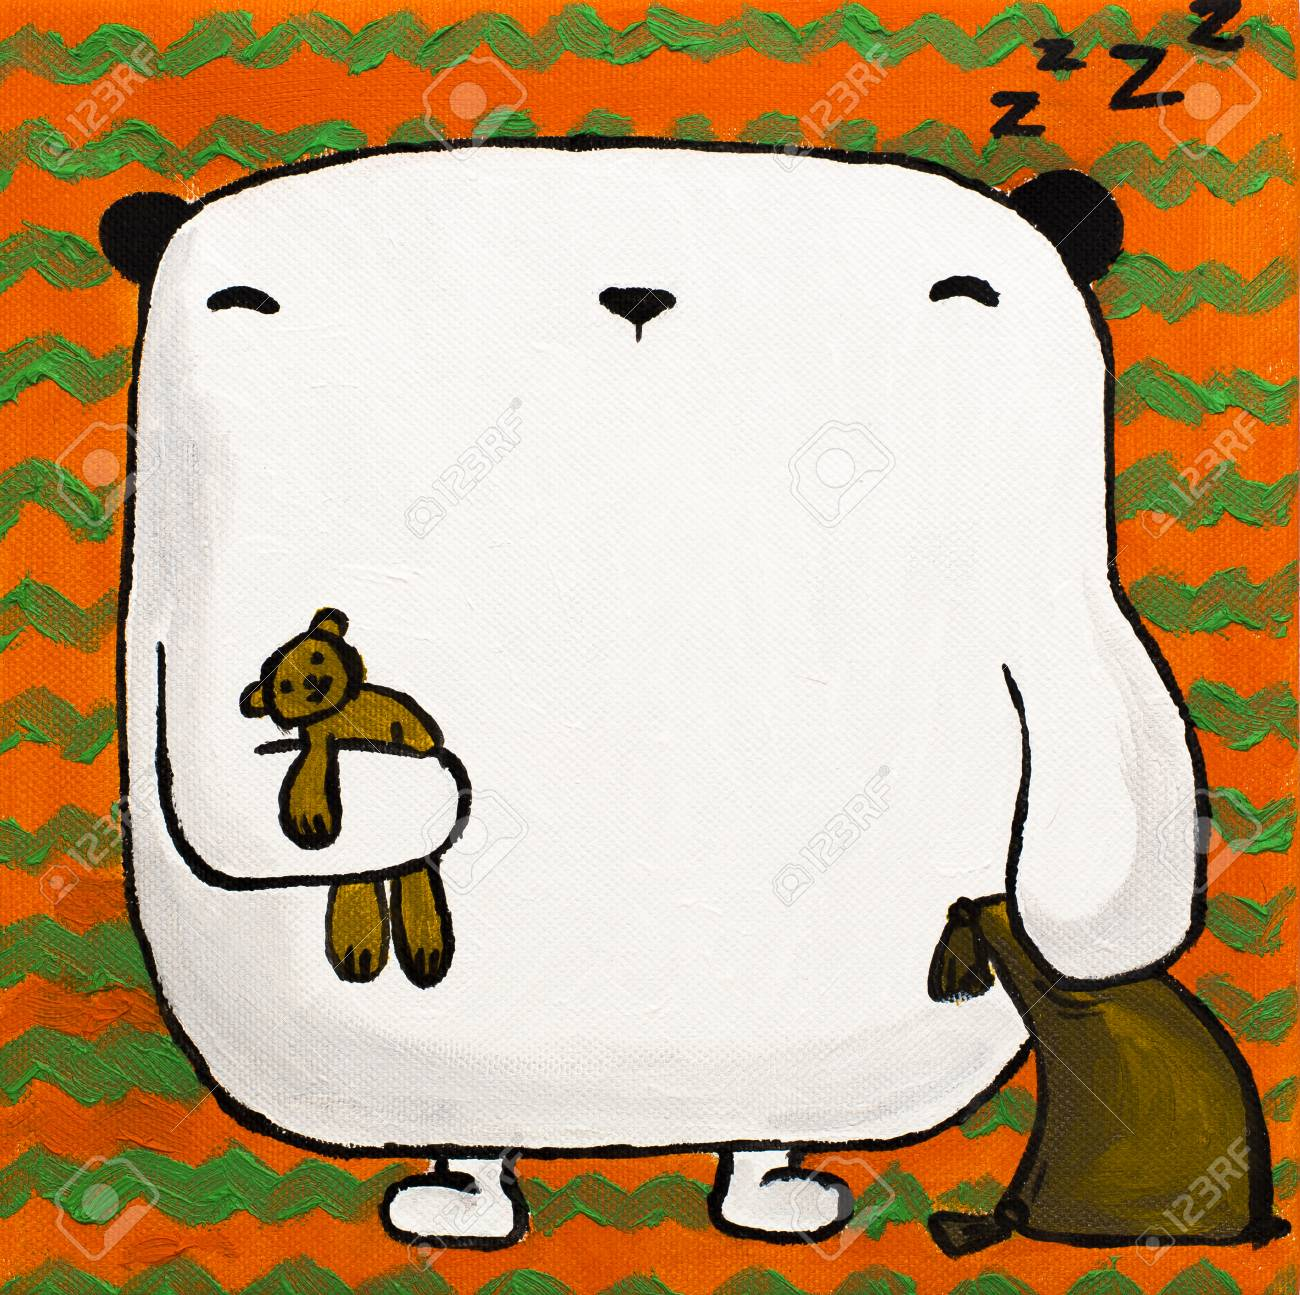 Illustration Acryl Weißen Teddybären Schlaf Mit Kissen Und Spielzeugbären  Unter Der Pfote Auf Einem Orangefarbenen Hintergrund